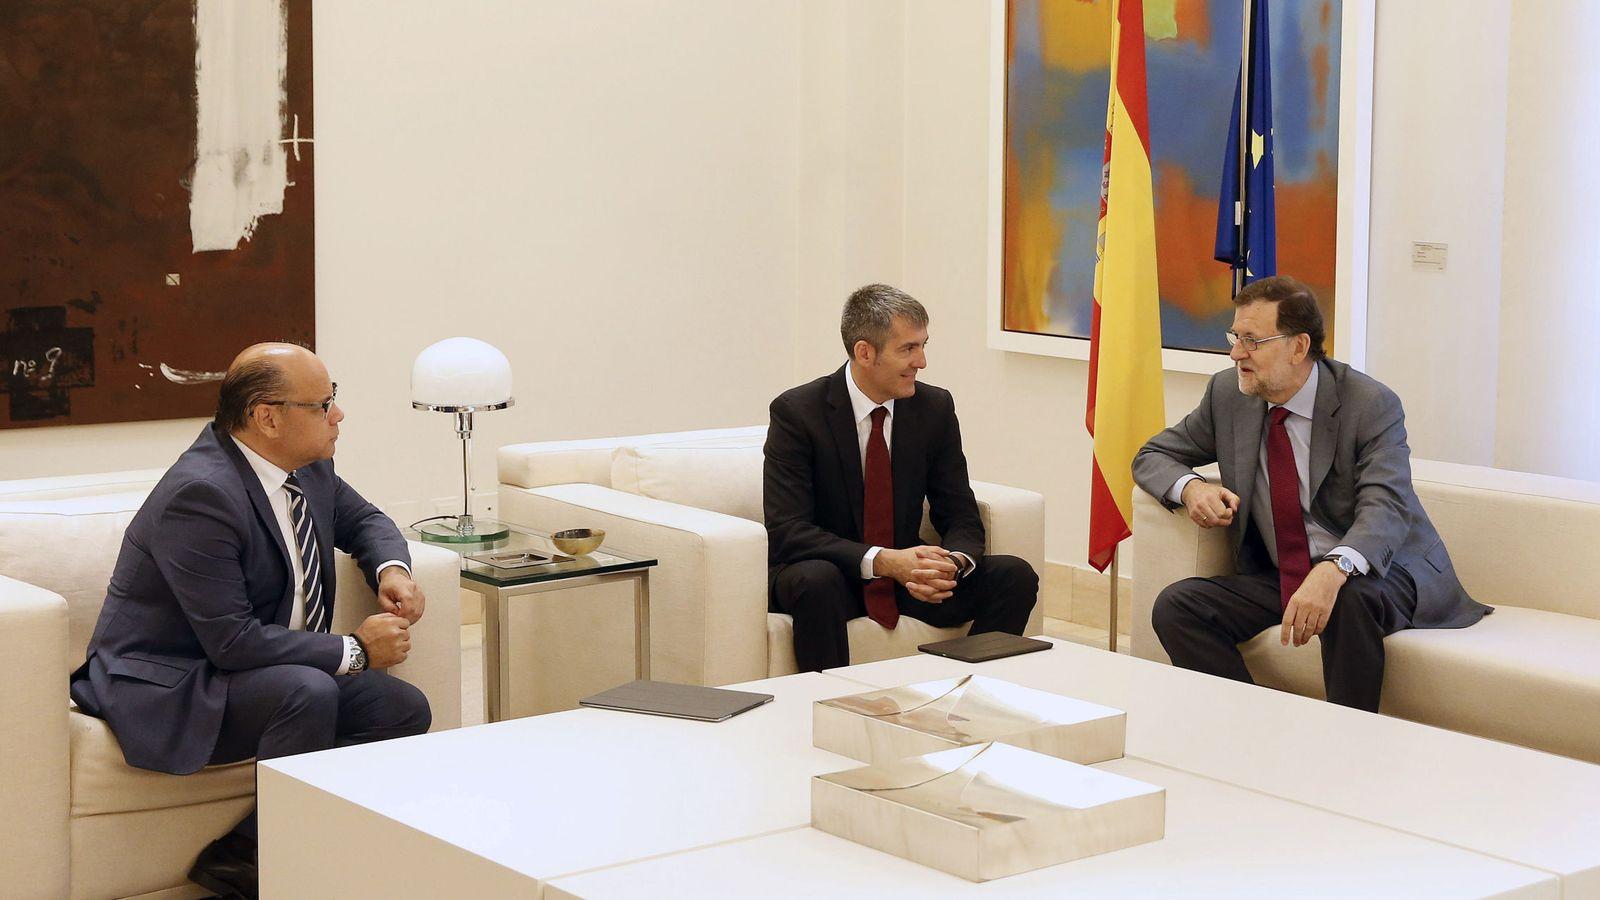 Foto: El presidente del Gobierno, Mariano Rajoy, conversa con el secretario general de CC, José Miguel Barragán (i), y el presidente de Canarias, Fernando Clavijo (Efe)